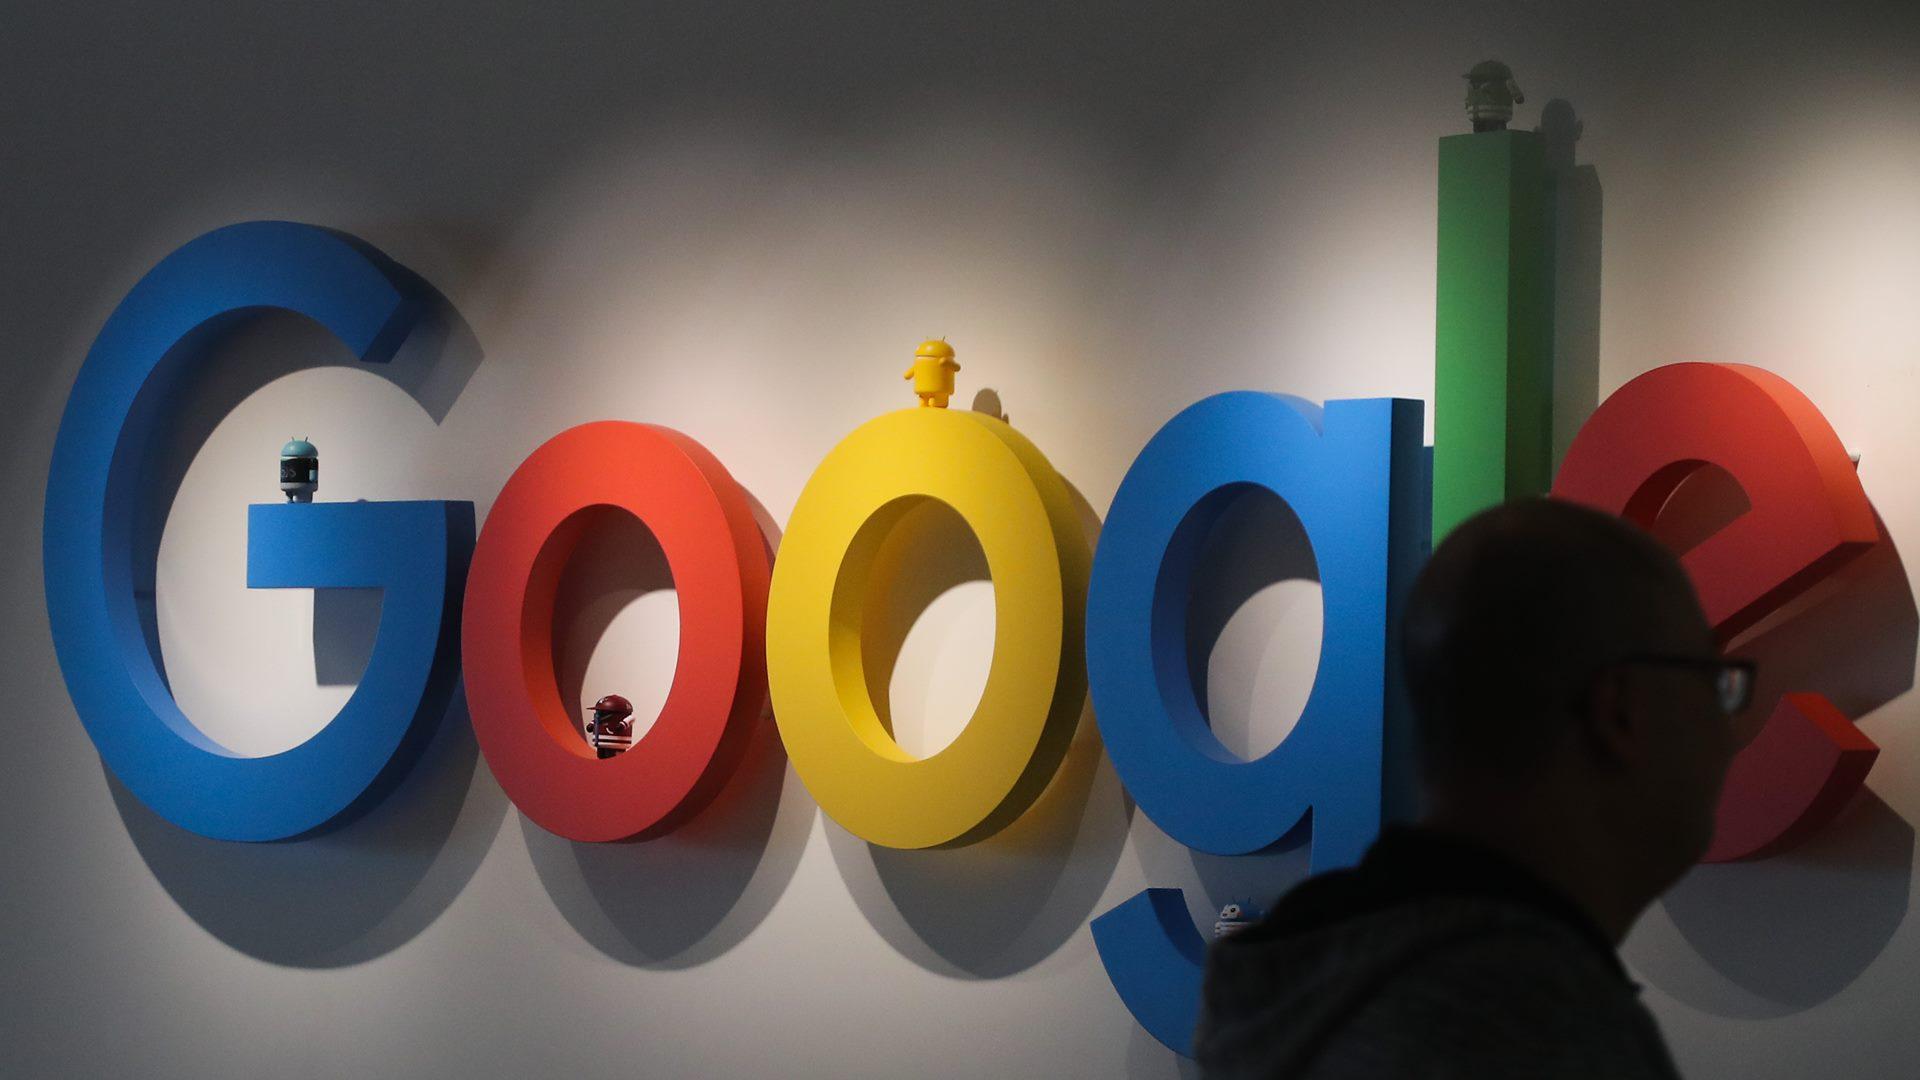 구글 '30% 수수료' 신고…공정위 조사 나설 듯